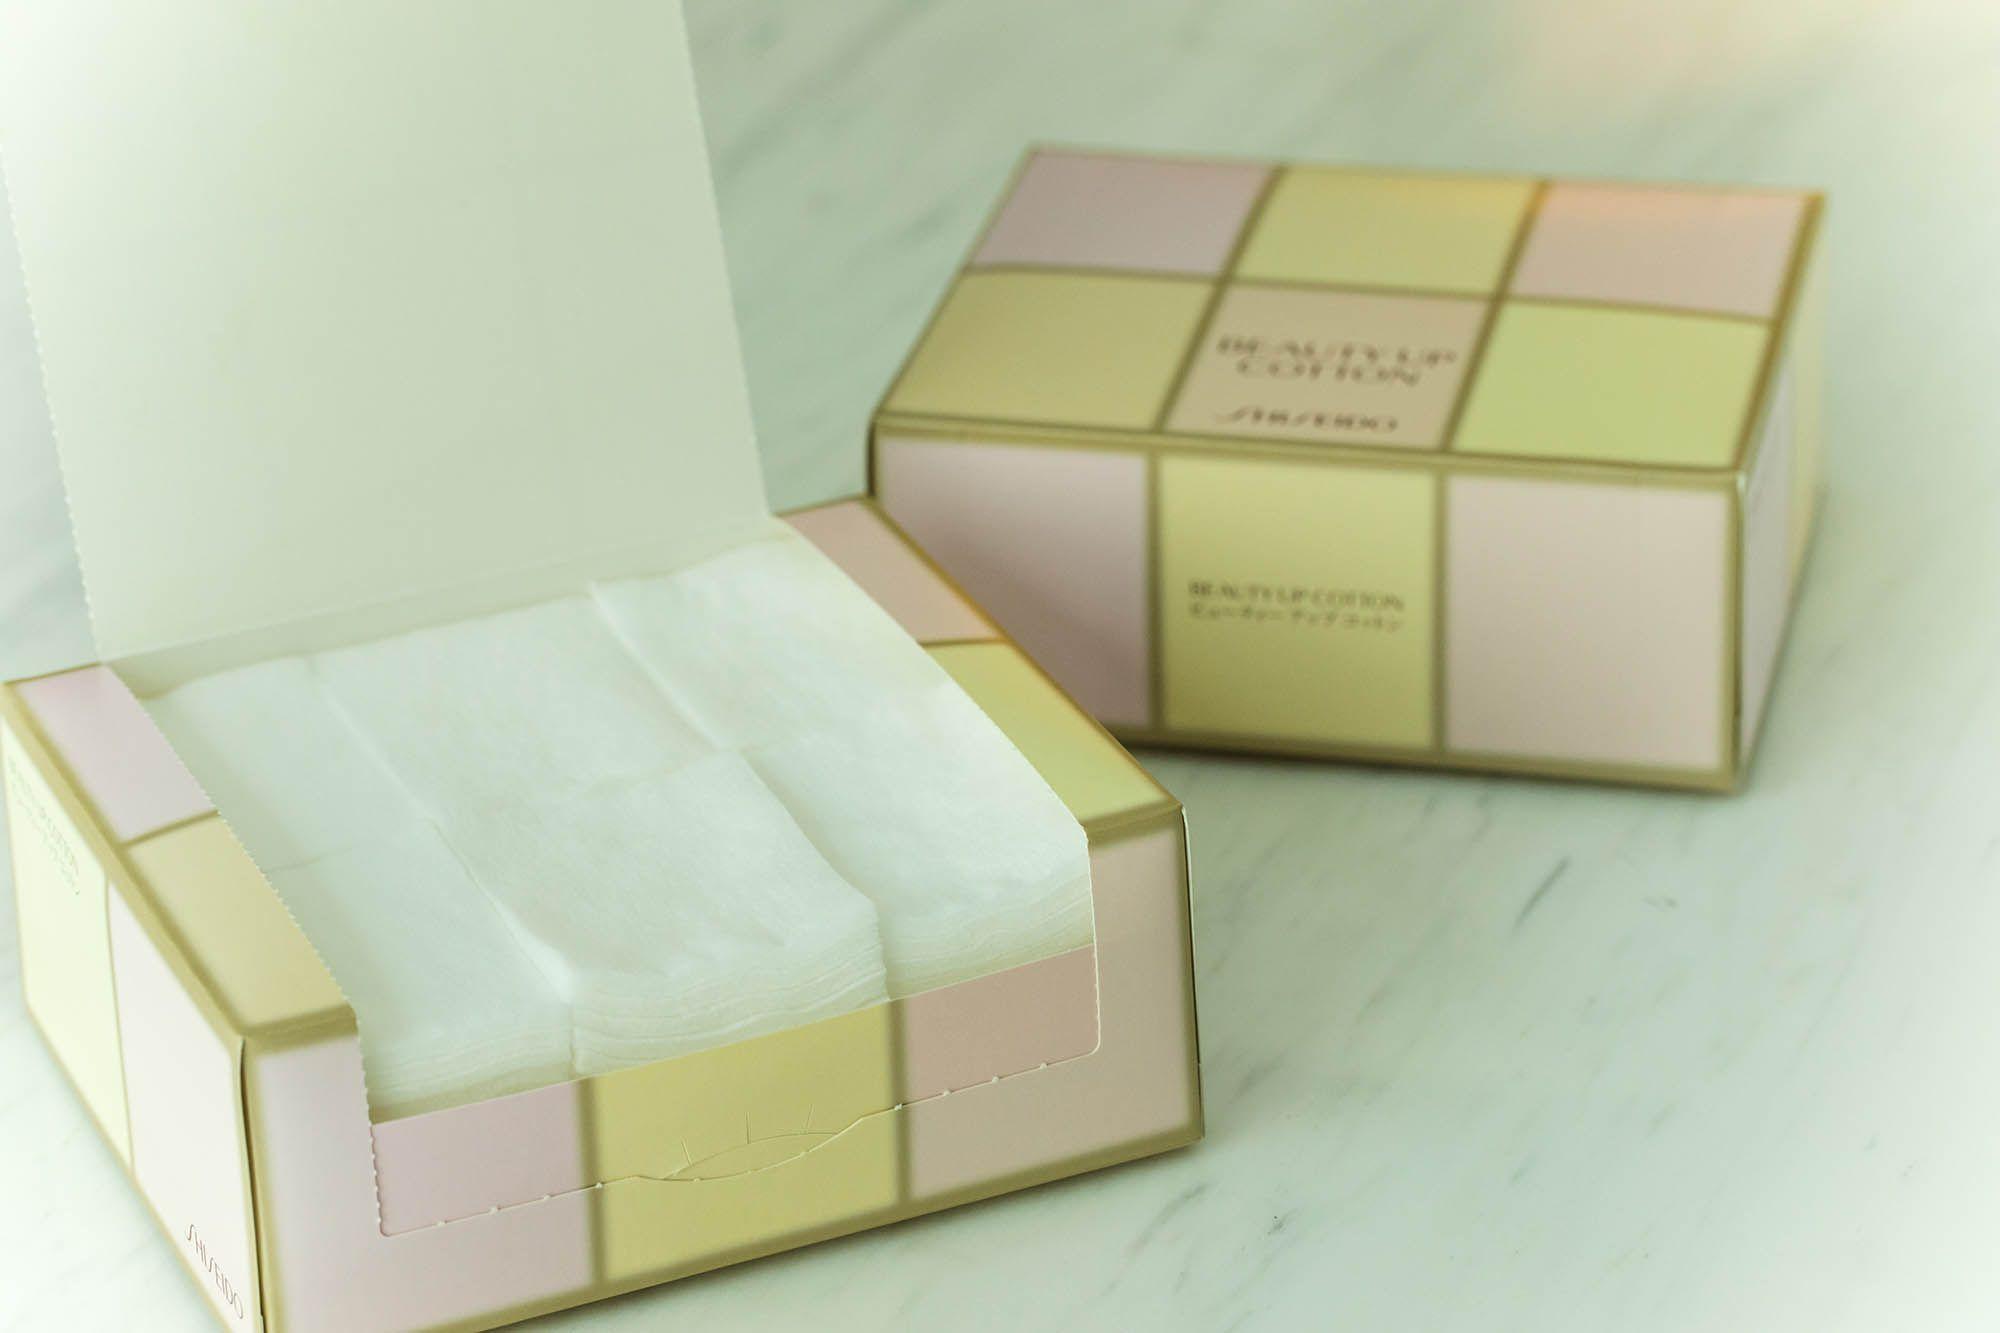 ポップなカラーが楽しいボックスに収められている「ビューティーアップコットン」(324円)税抜。